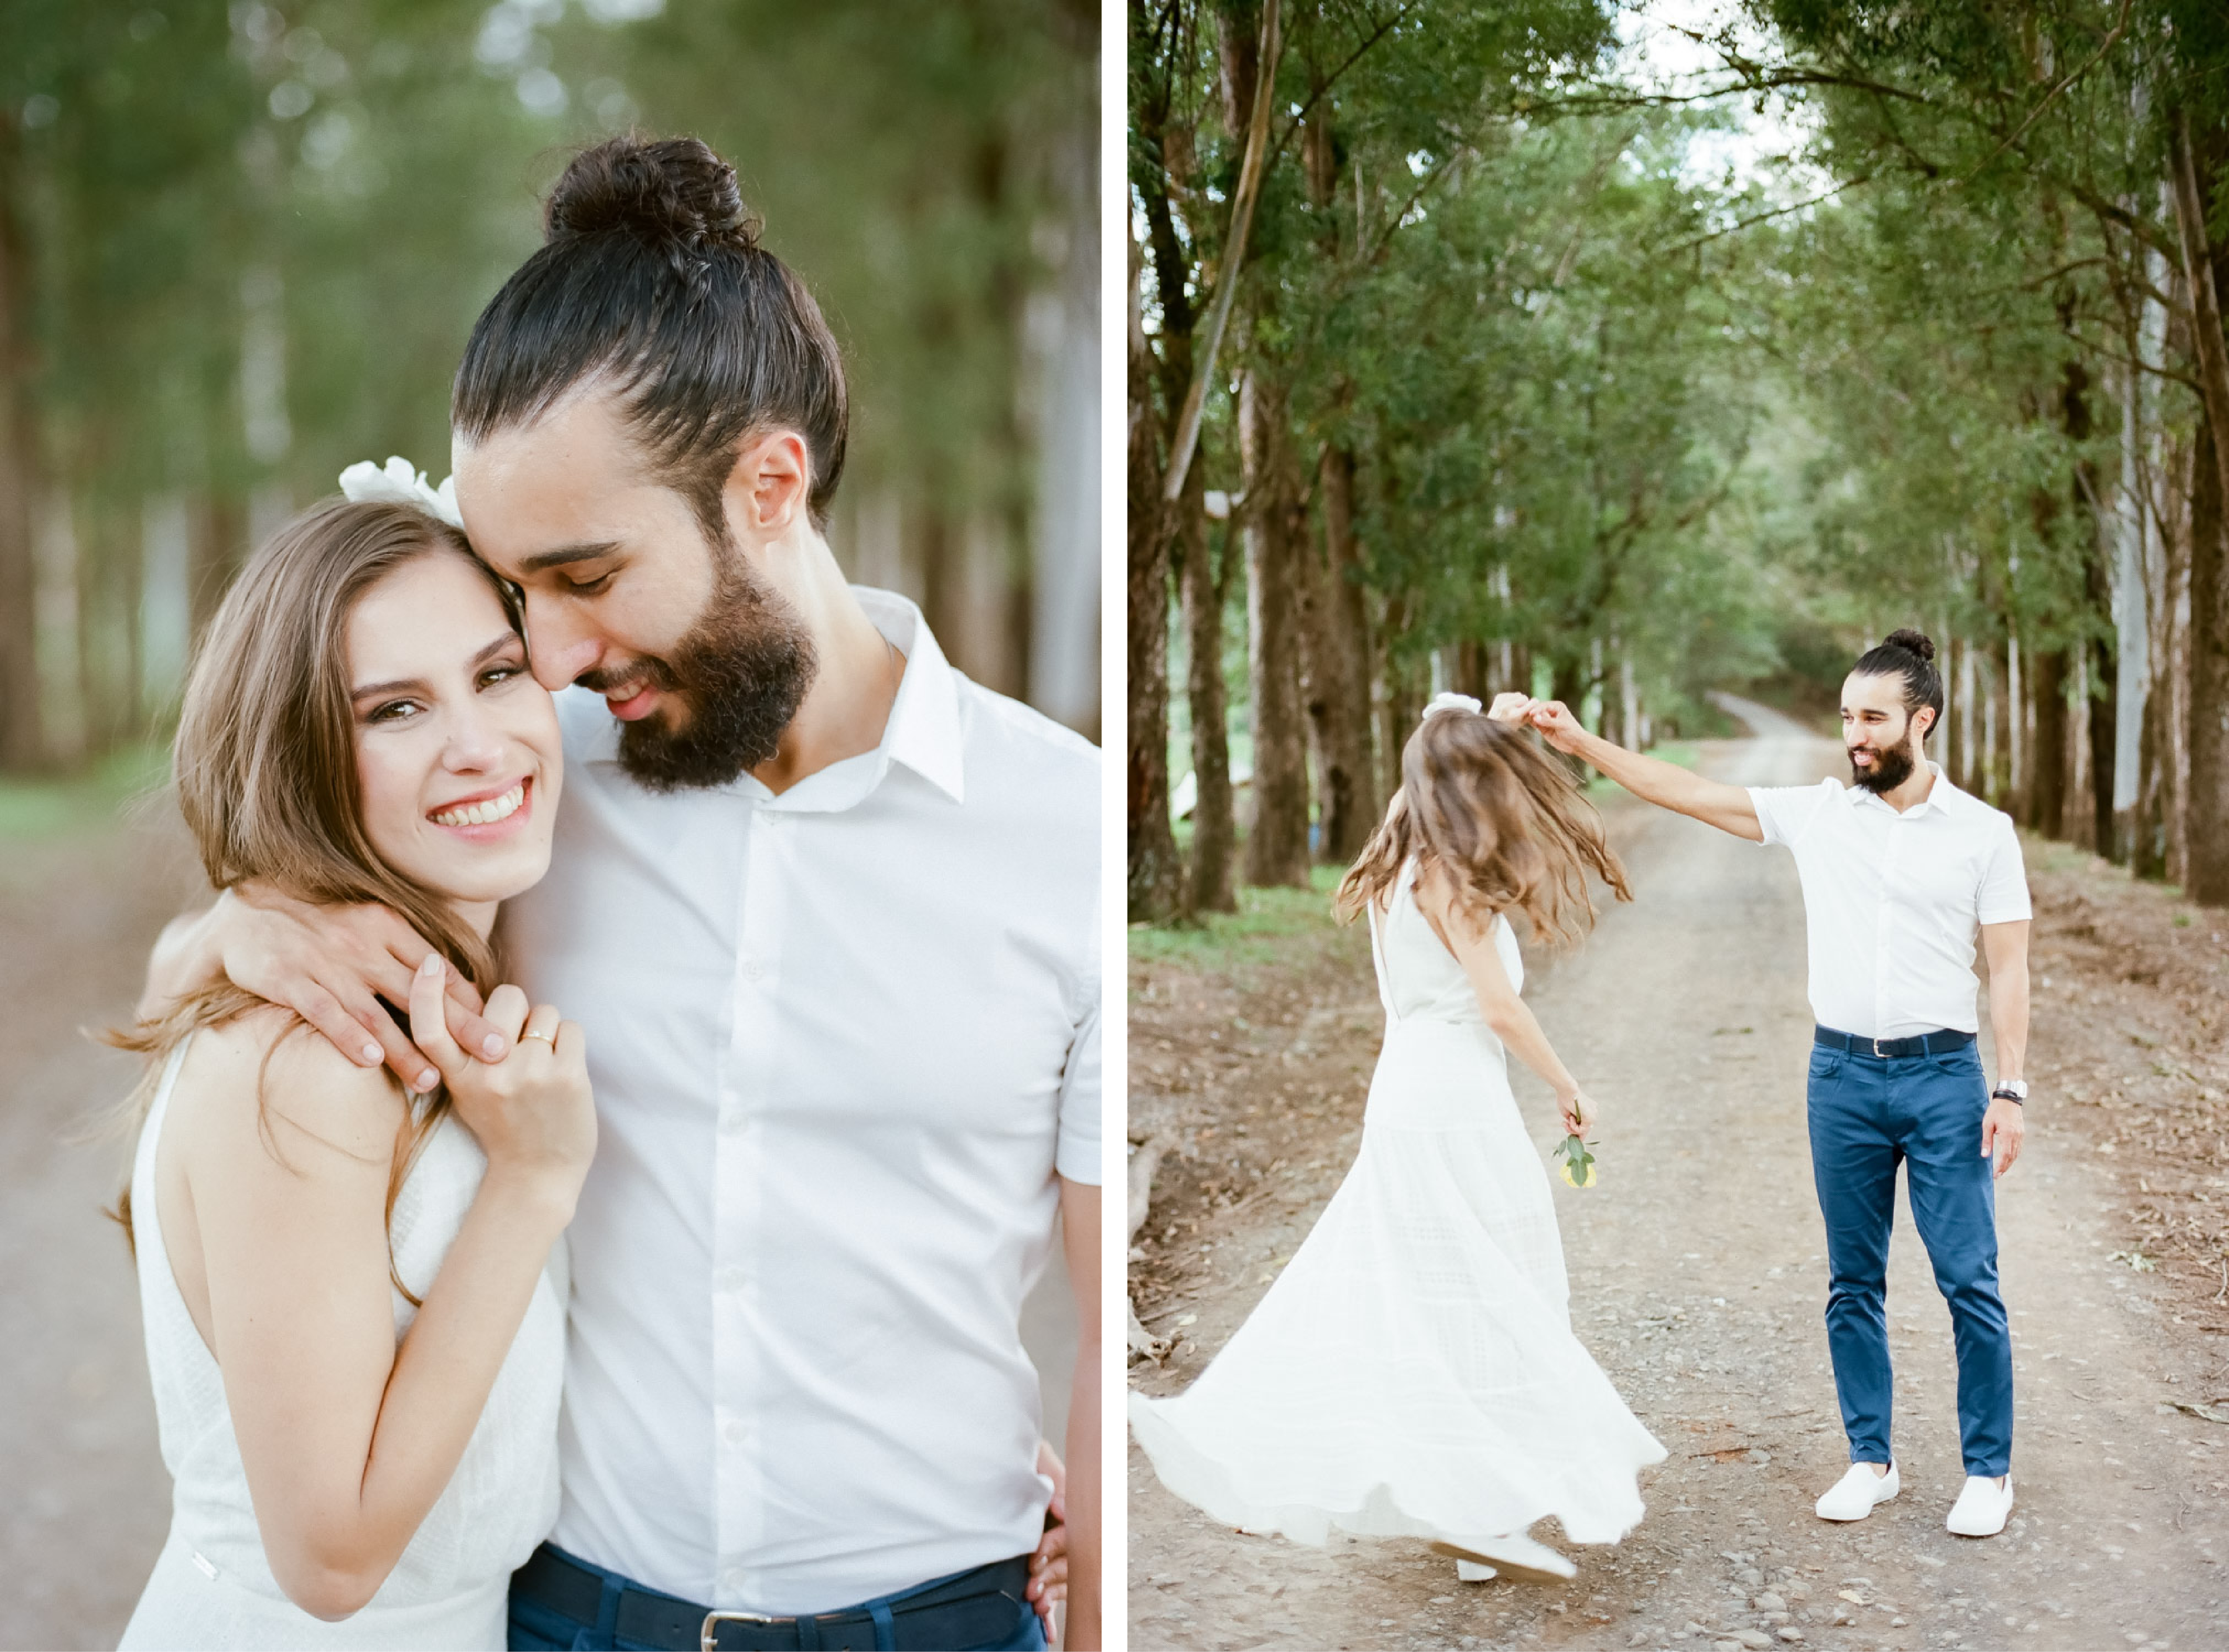 Casamento intimo e colorido na fazenda, casamento civil na fazenda, fazenda quilombo, casamento em limeira, casamento na fazenda, noiva com jaqueta jeans, casamento ao ar livre, casamento íntimo, mini wedding